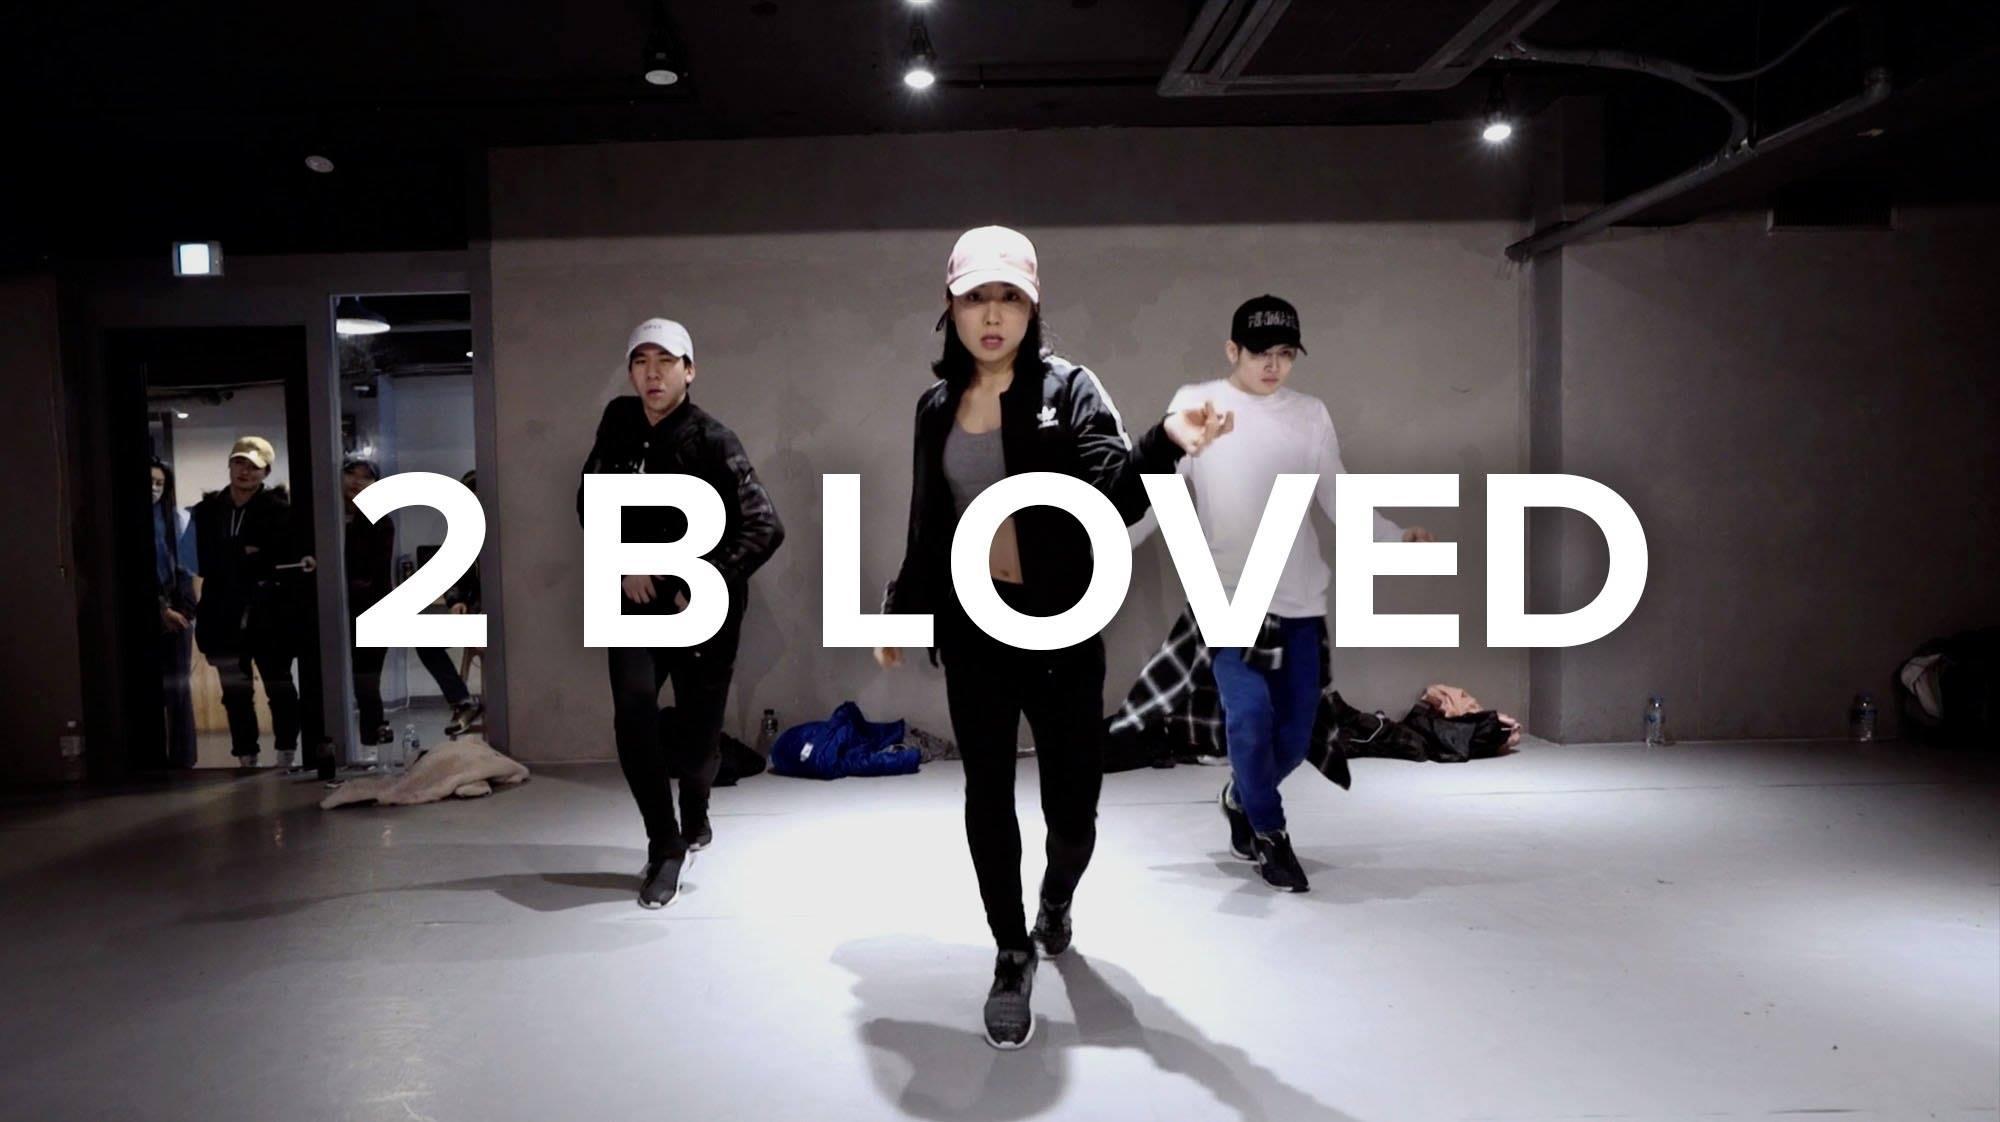 [Vietsub] Hướng dẫn nhảy bài 2 B Loved – Janet Jackson by 1MILLION